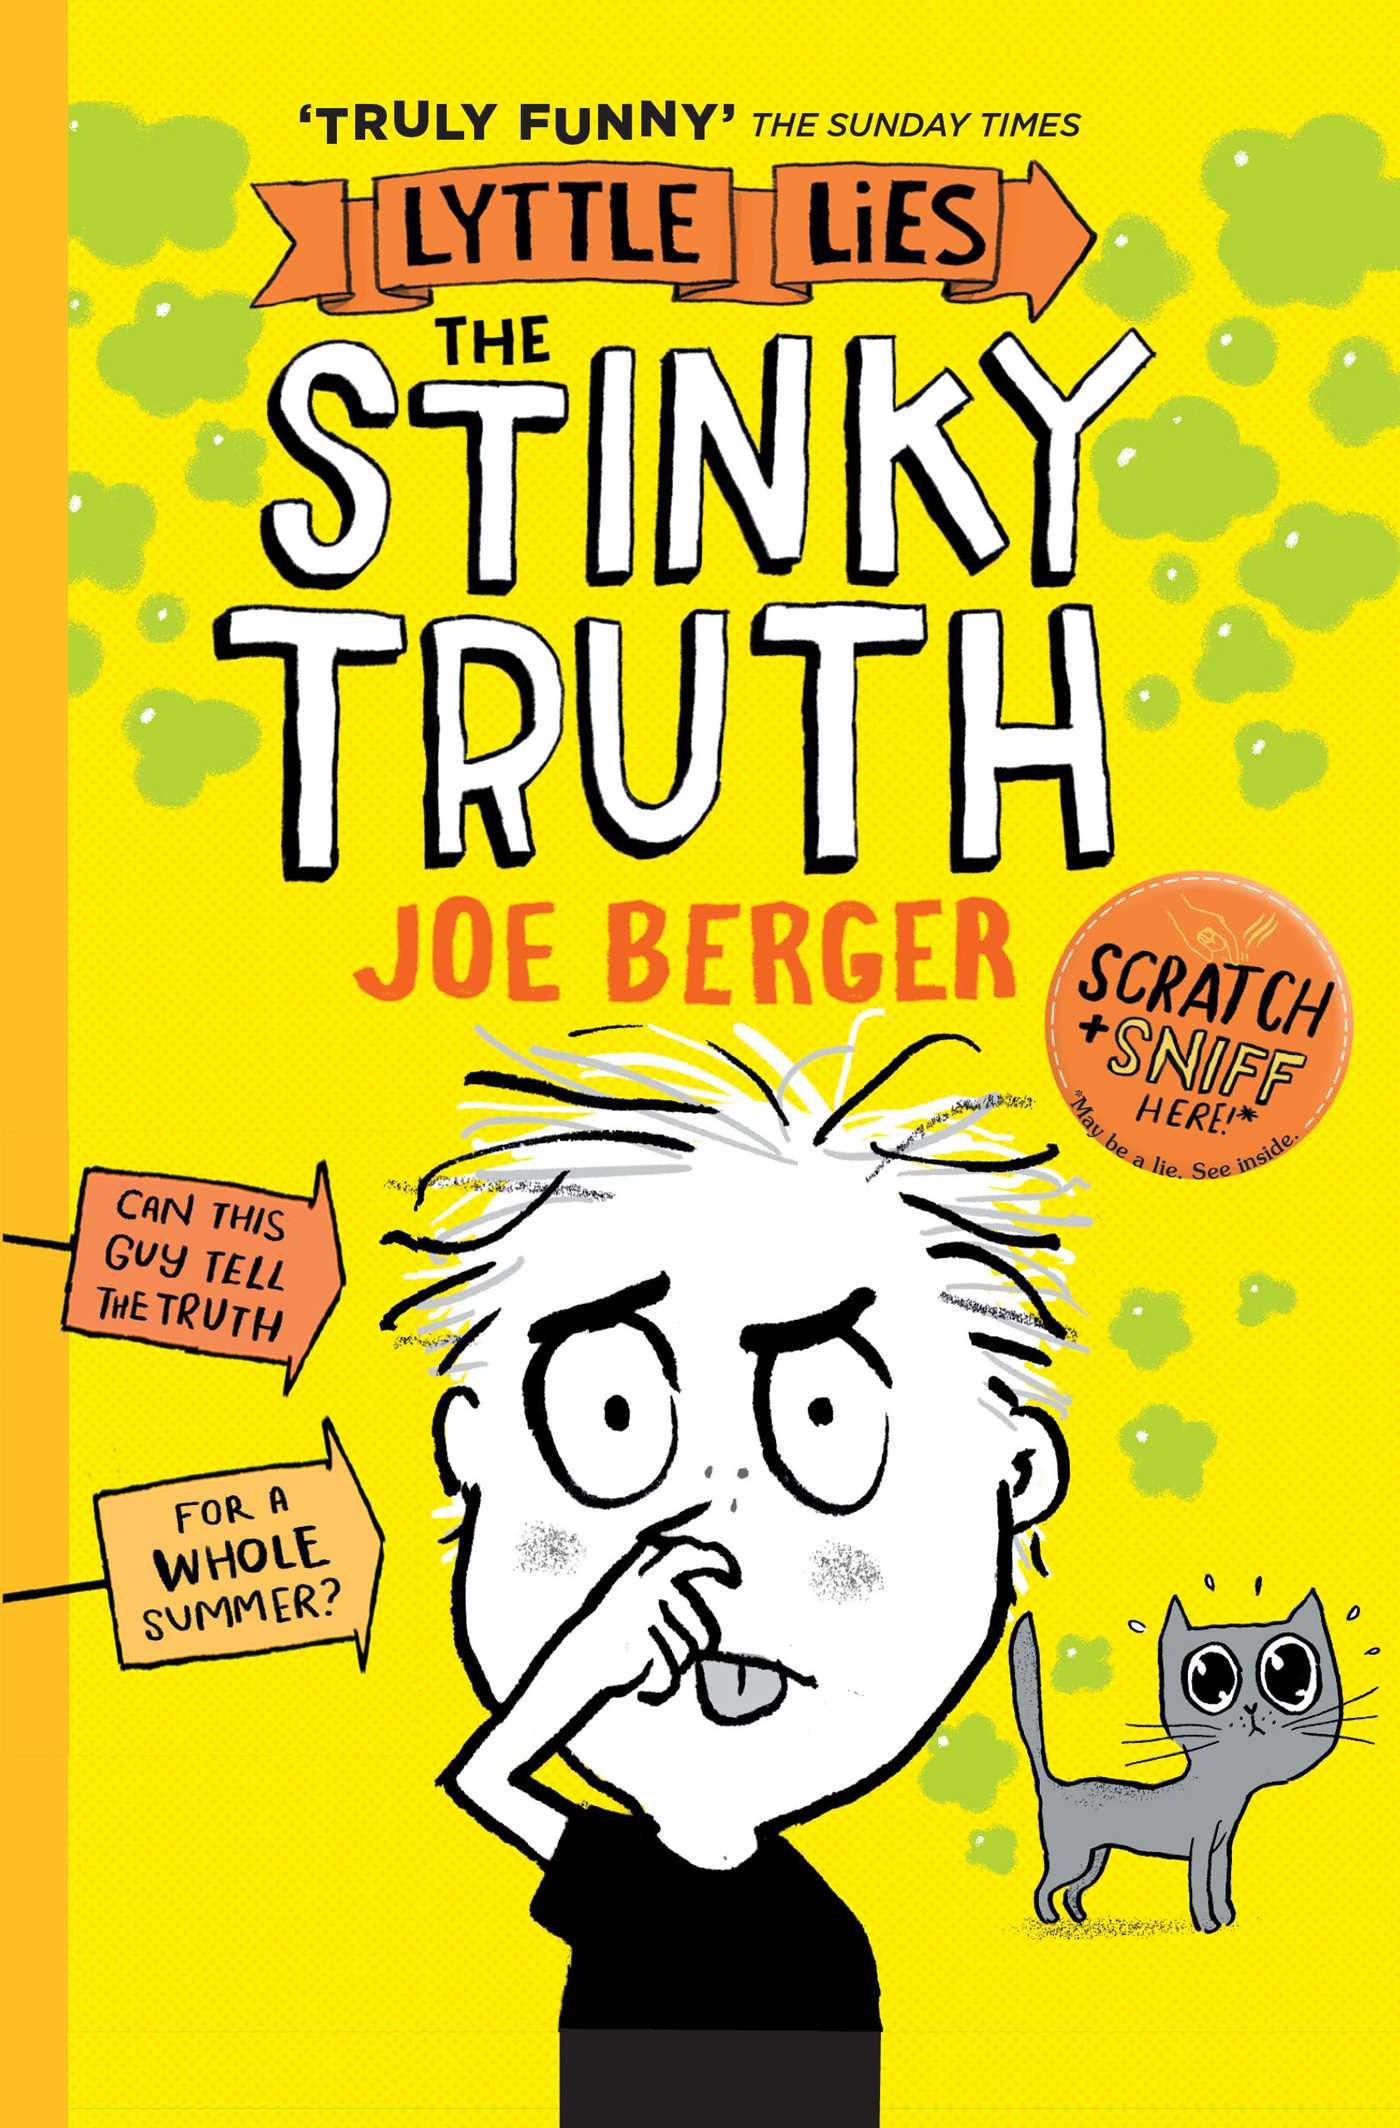 Lyttle lies the stinky truth 9781471146268 hr